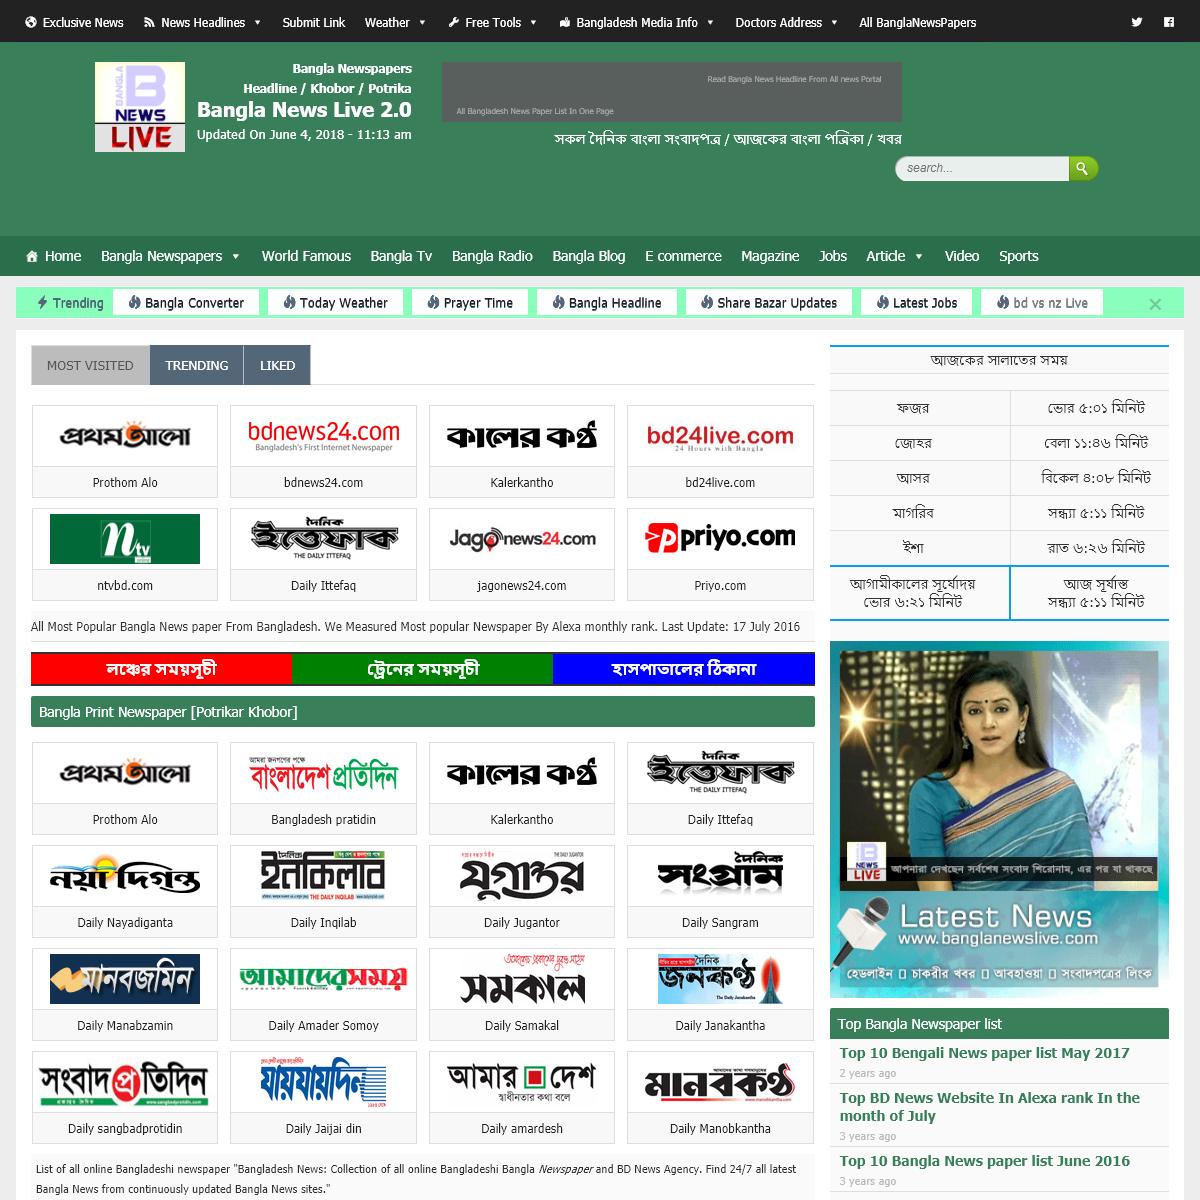 Bangla news live - bangla newspaper all ,bangla newspaper all, all bangla news pepar, bangla news all ,bangla news paper ,bangla